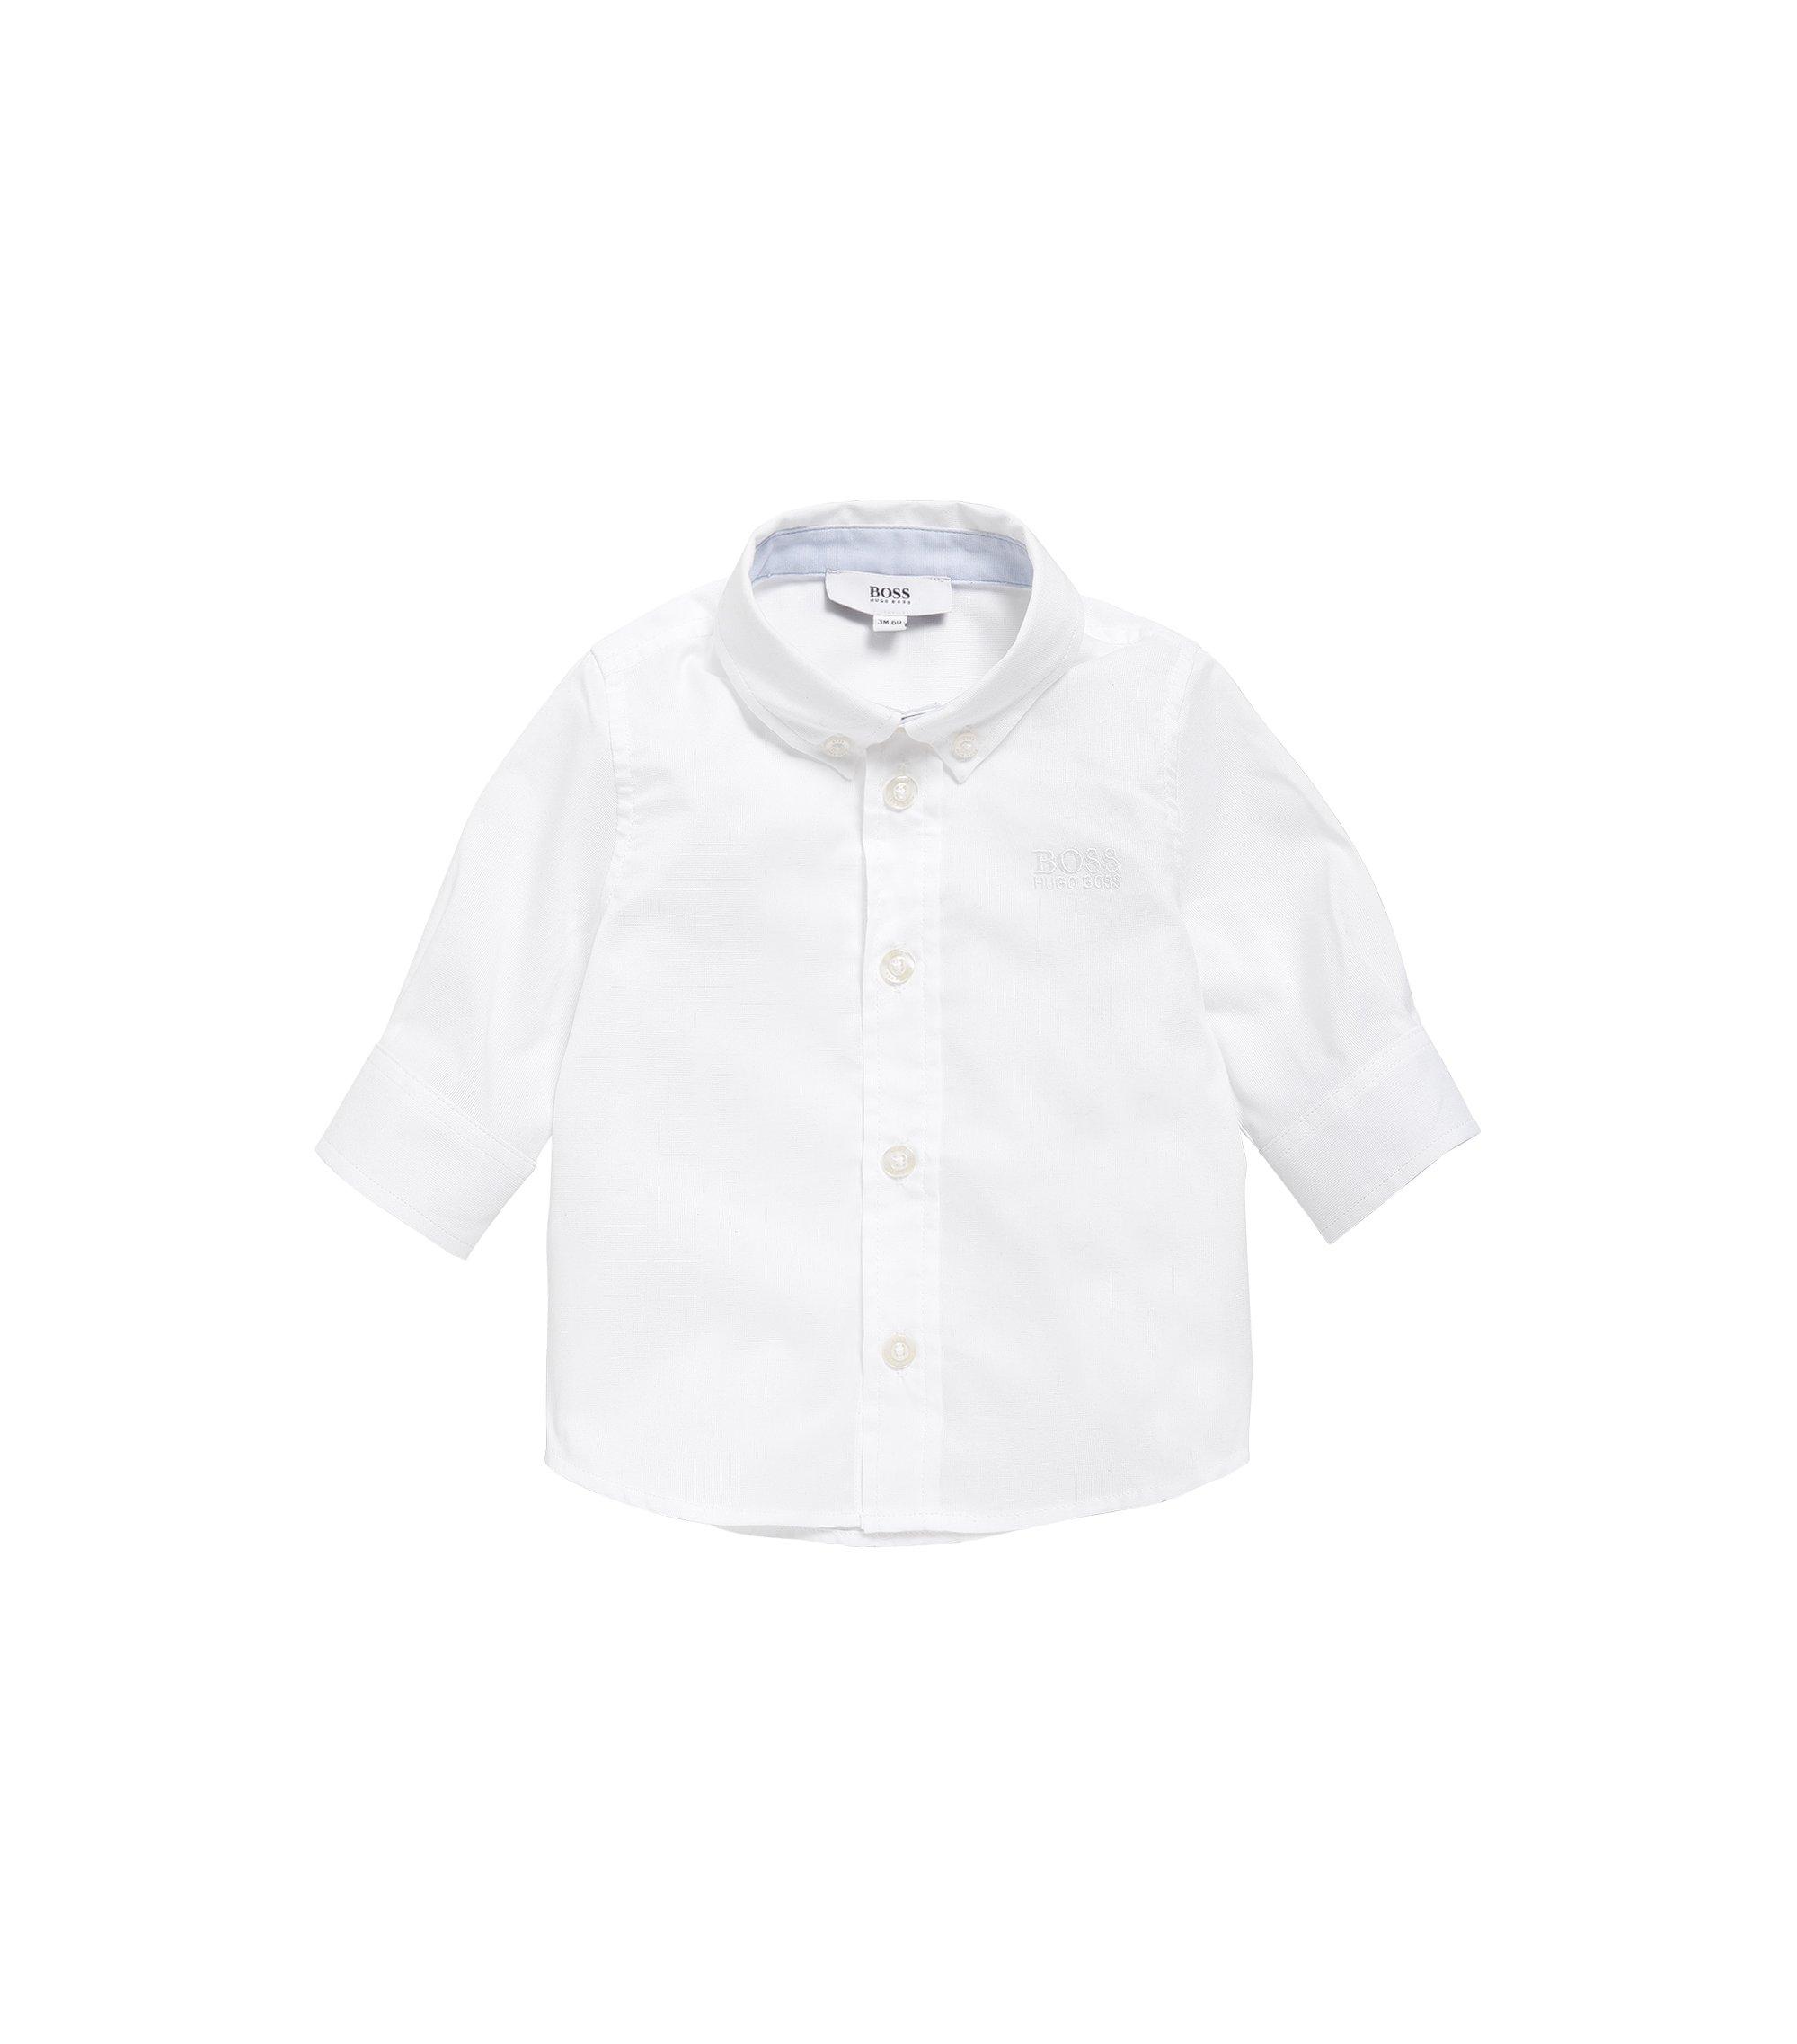 Camisa para niño en algodón con cuello abotonado: 'J05508', Blanco